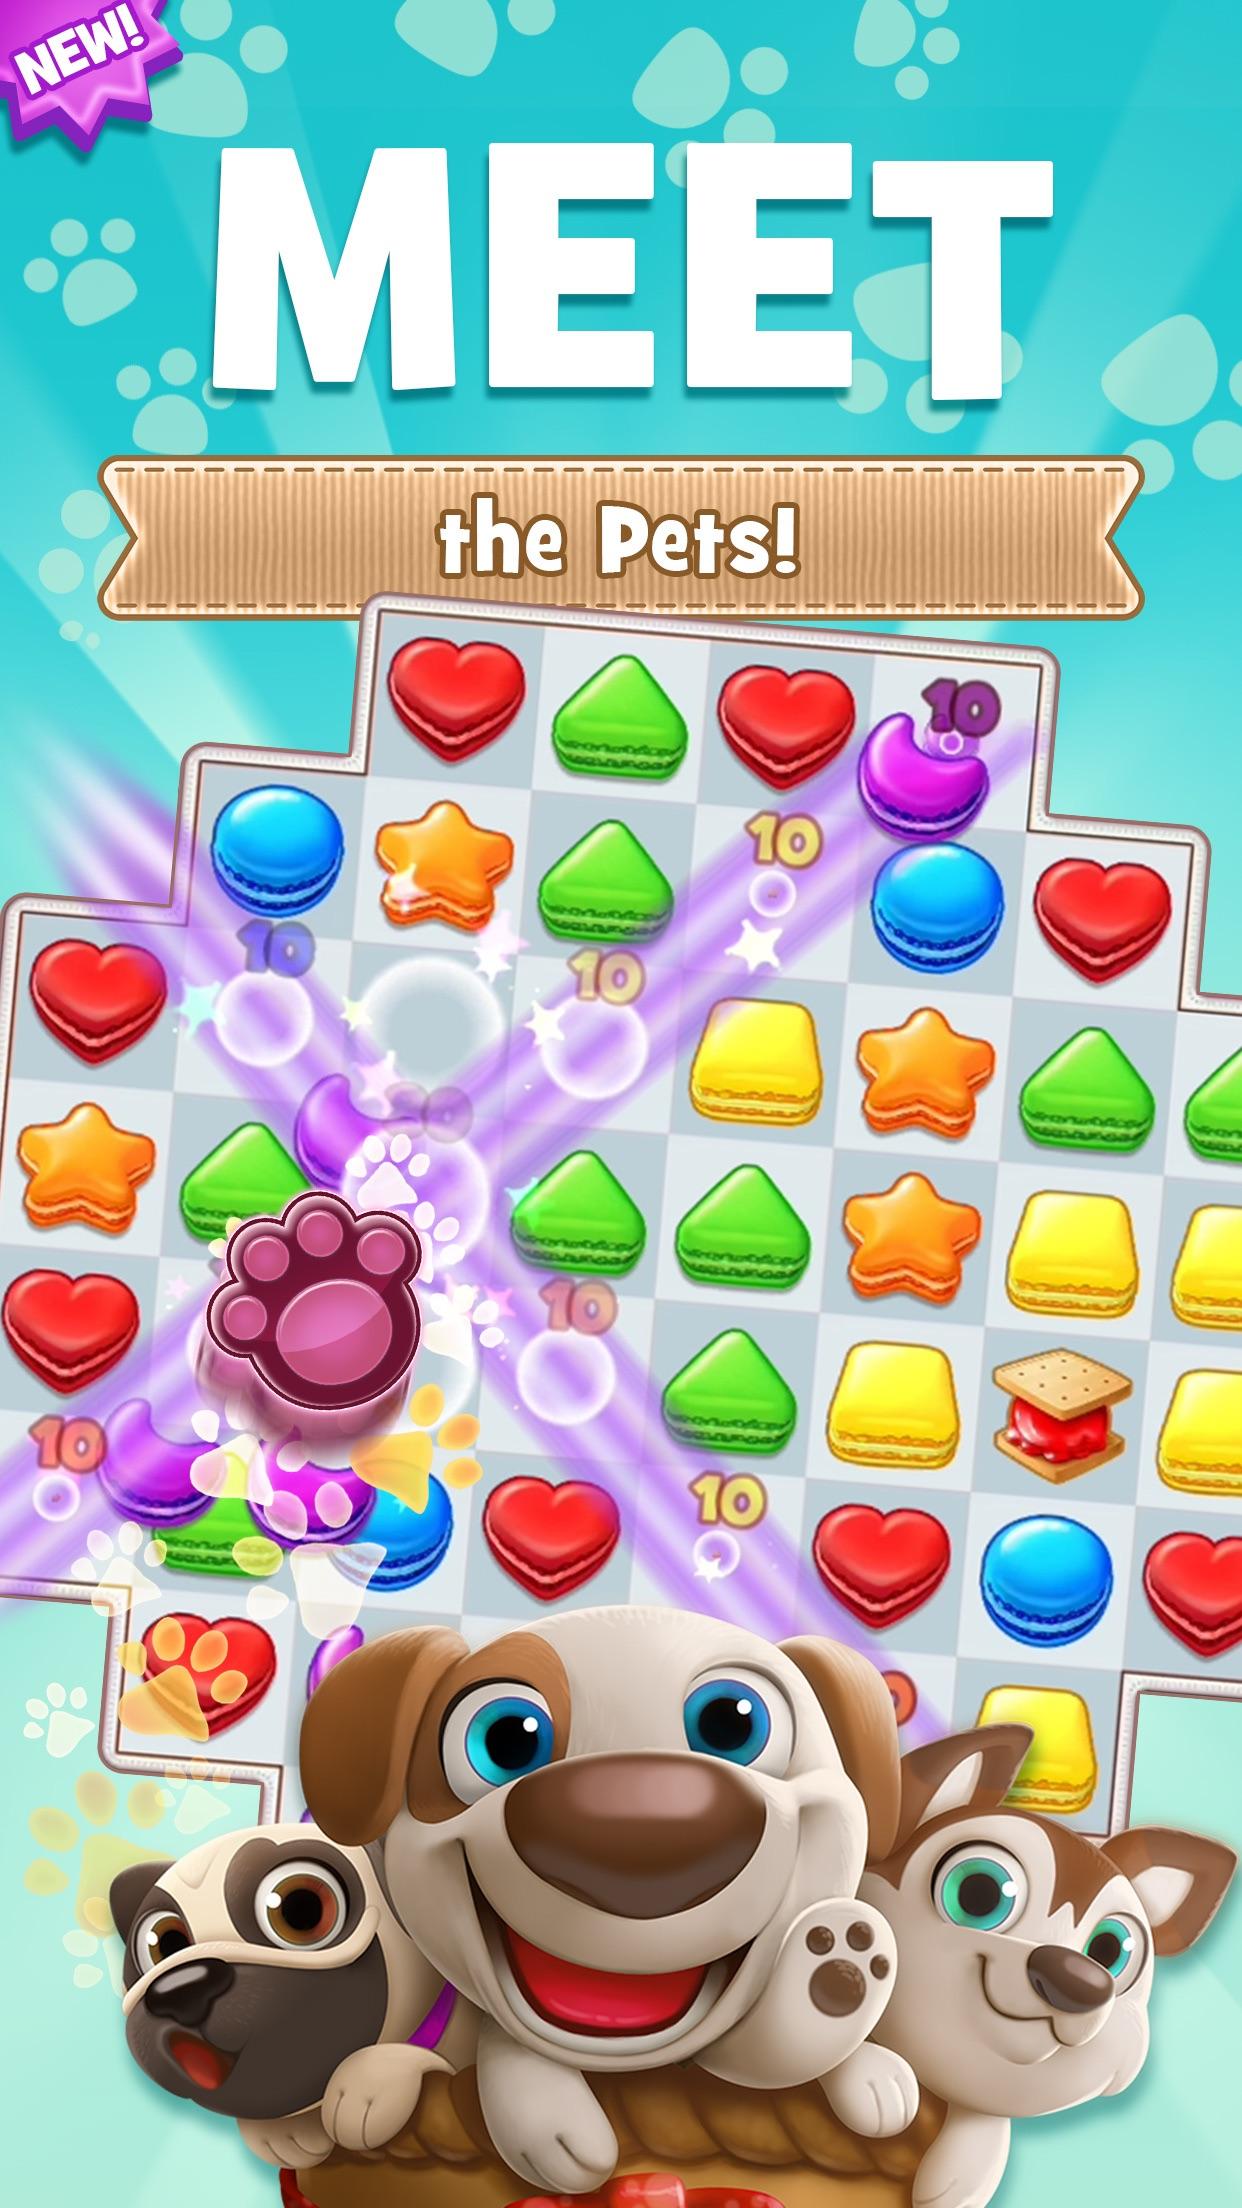 Cookie Jam: Top Match 3 Game Screenshot